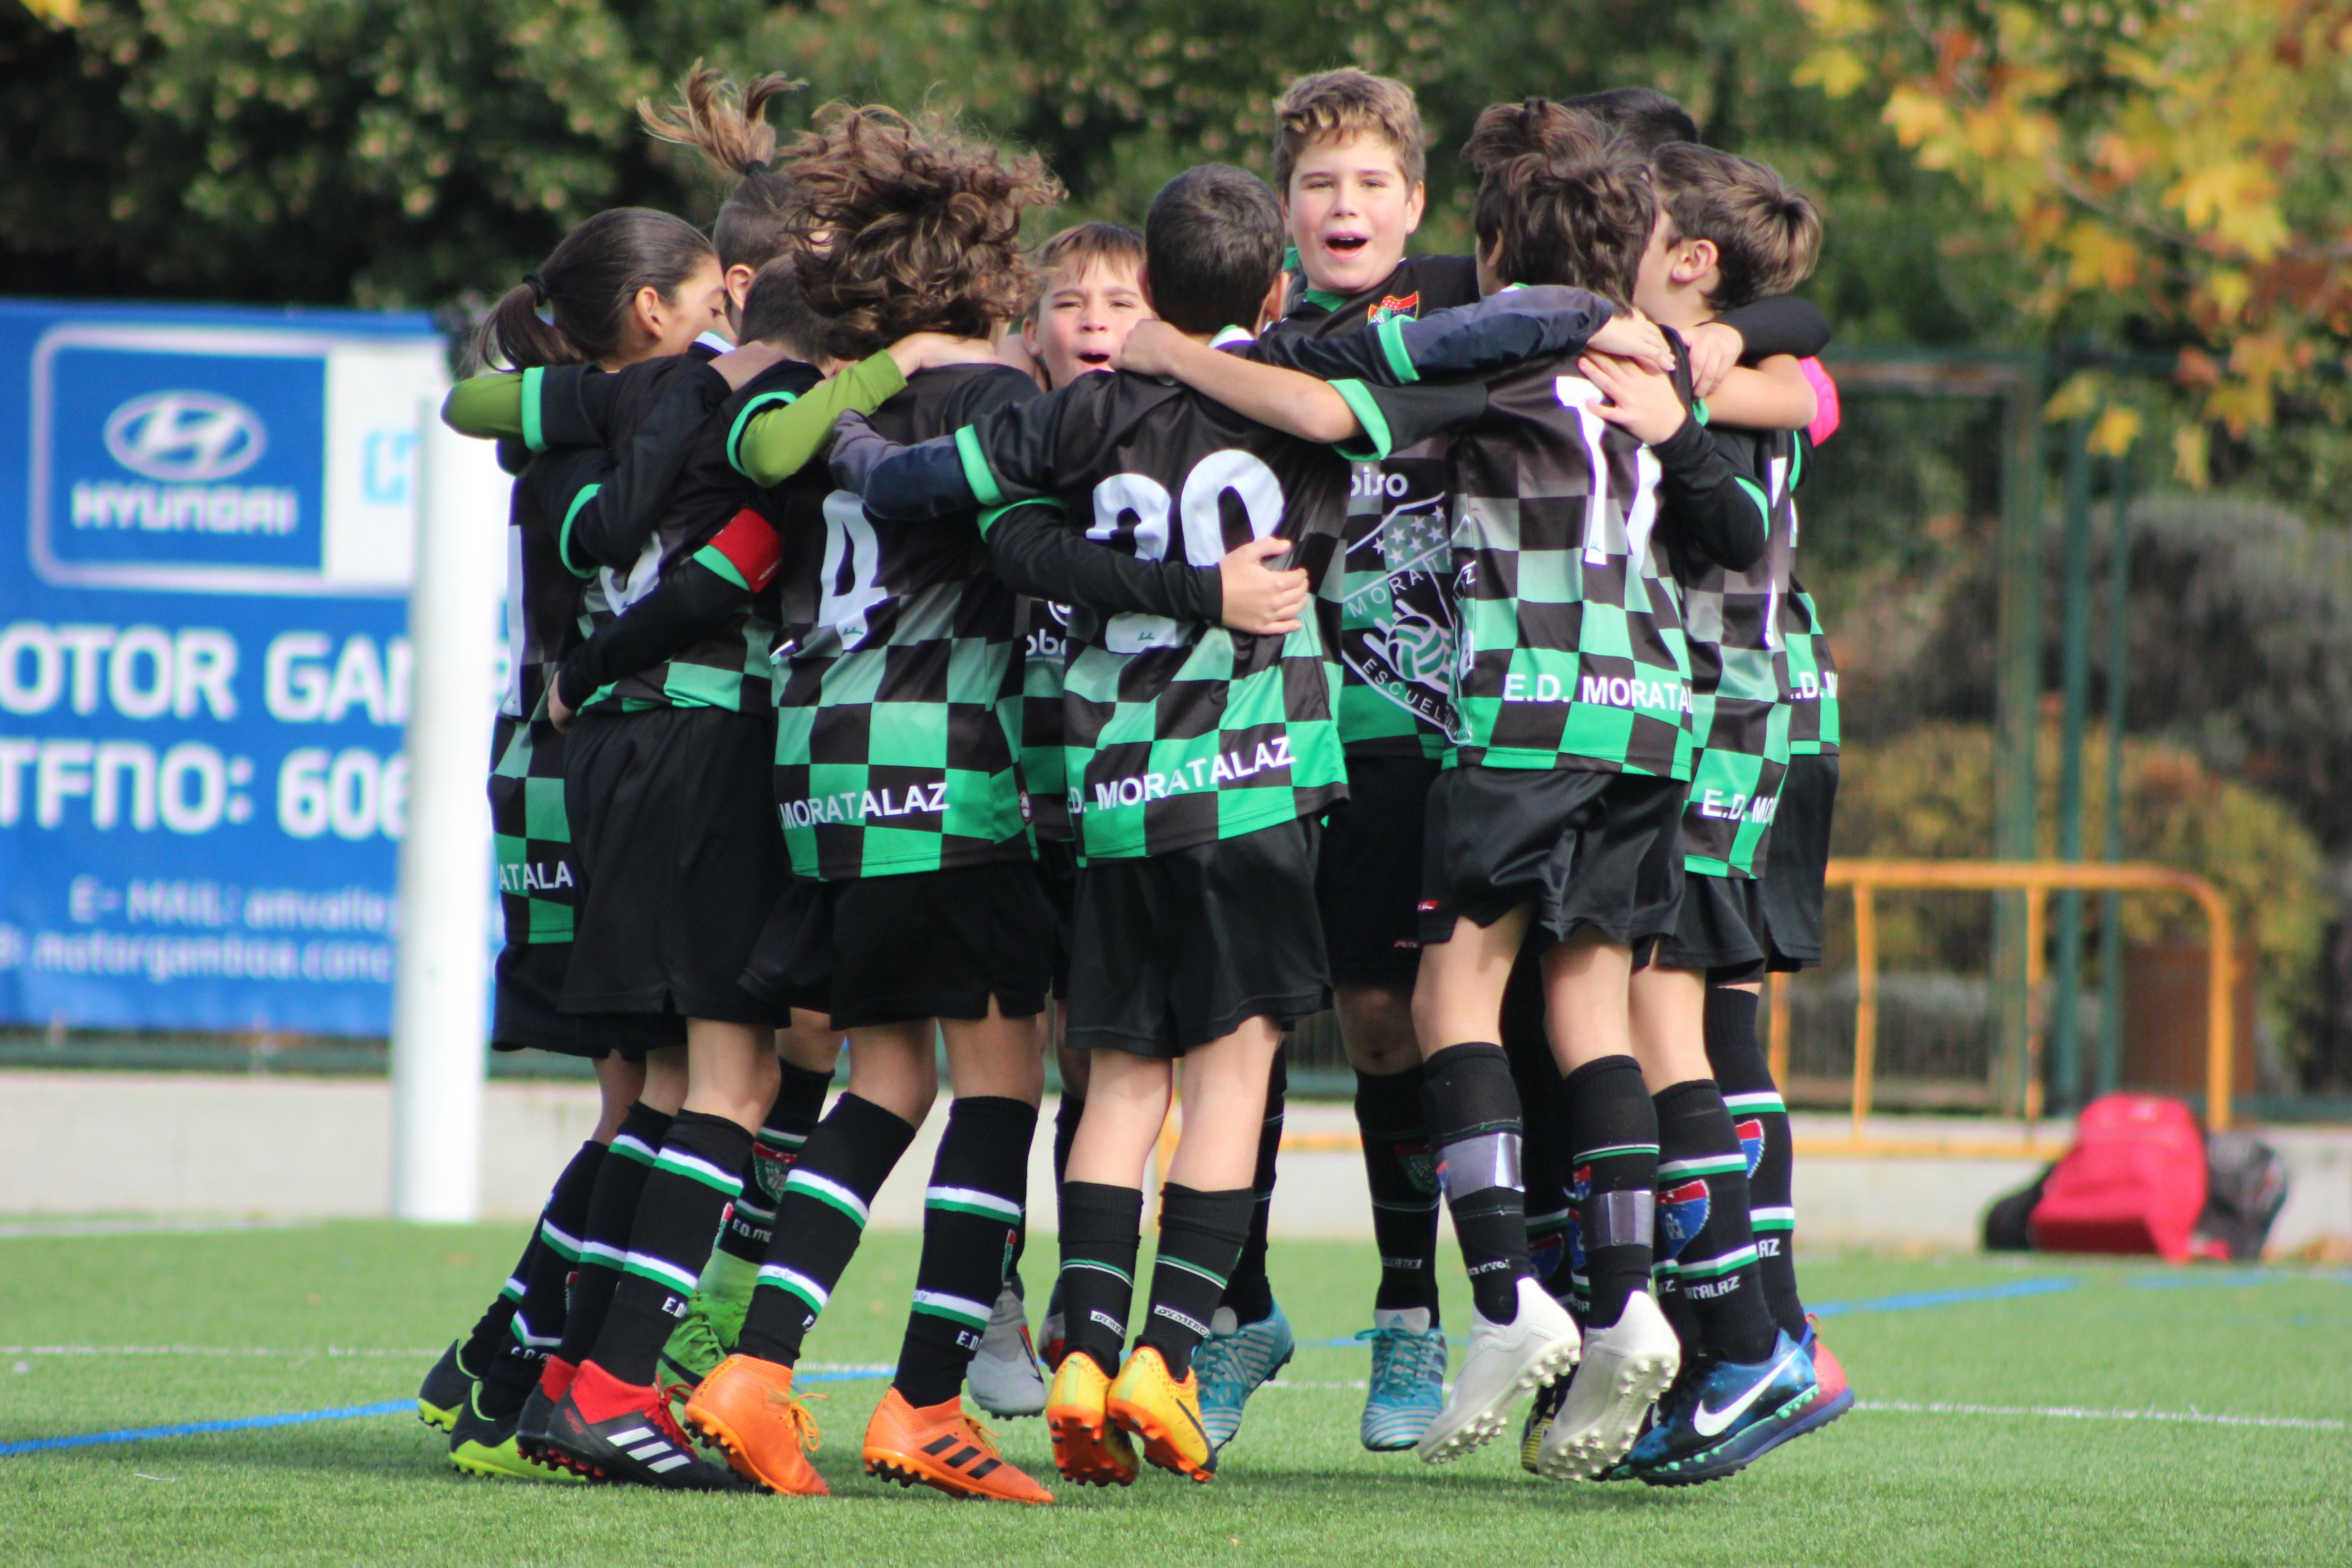 ¡Ya han salido los grupos de las Categorías de Fútbol 7!